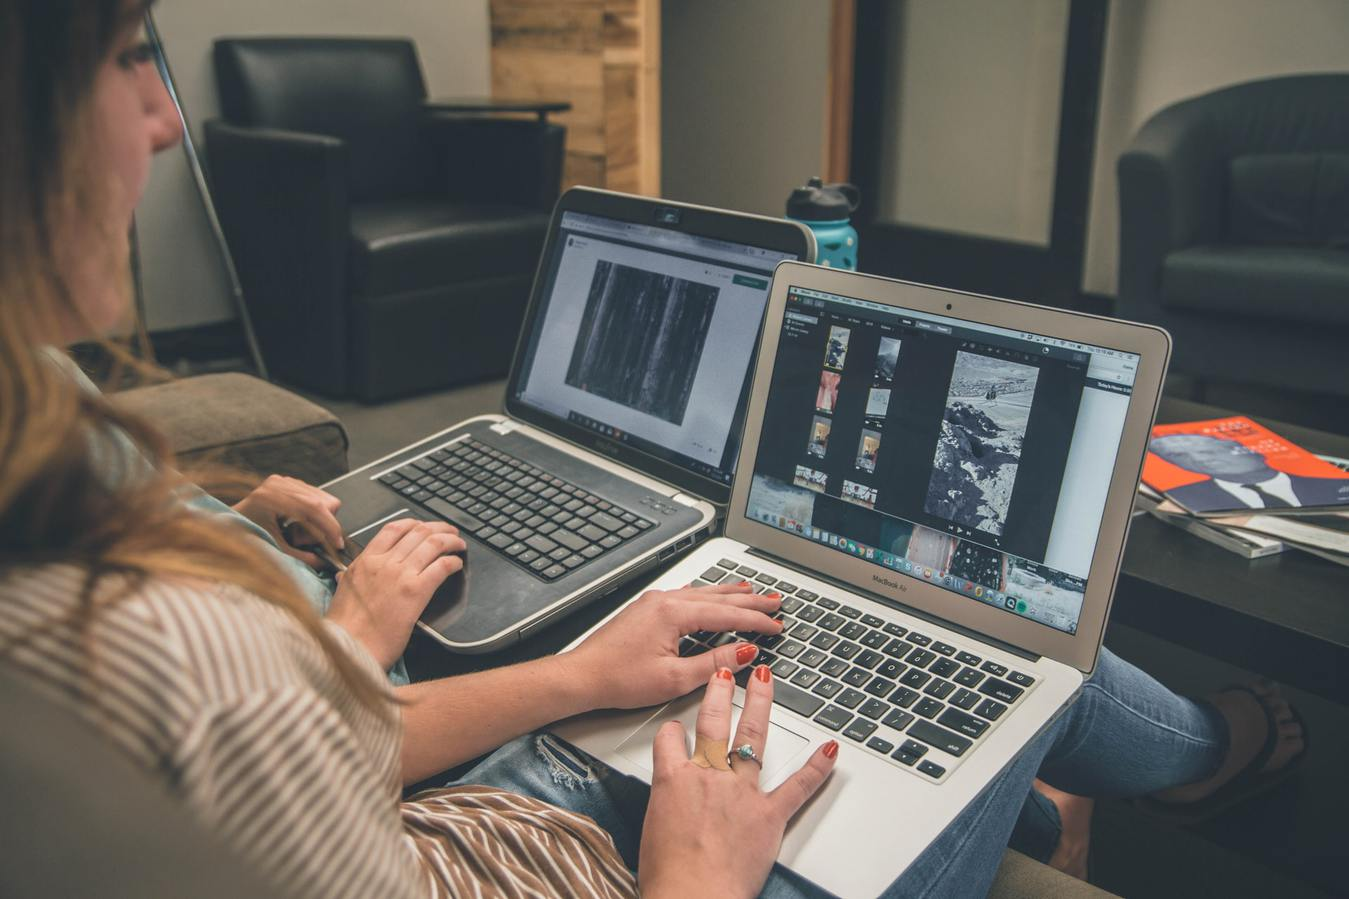 Harga pembuatan website dengan menyewa jasa designer